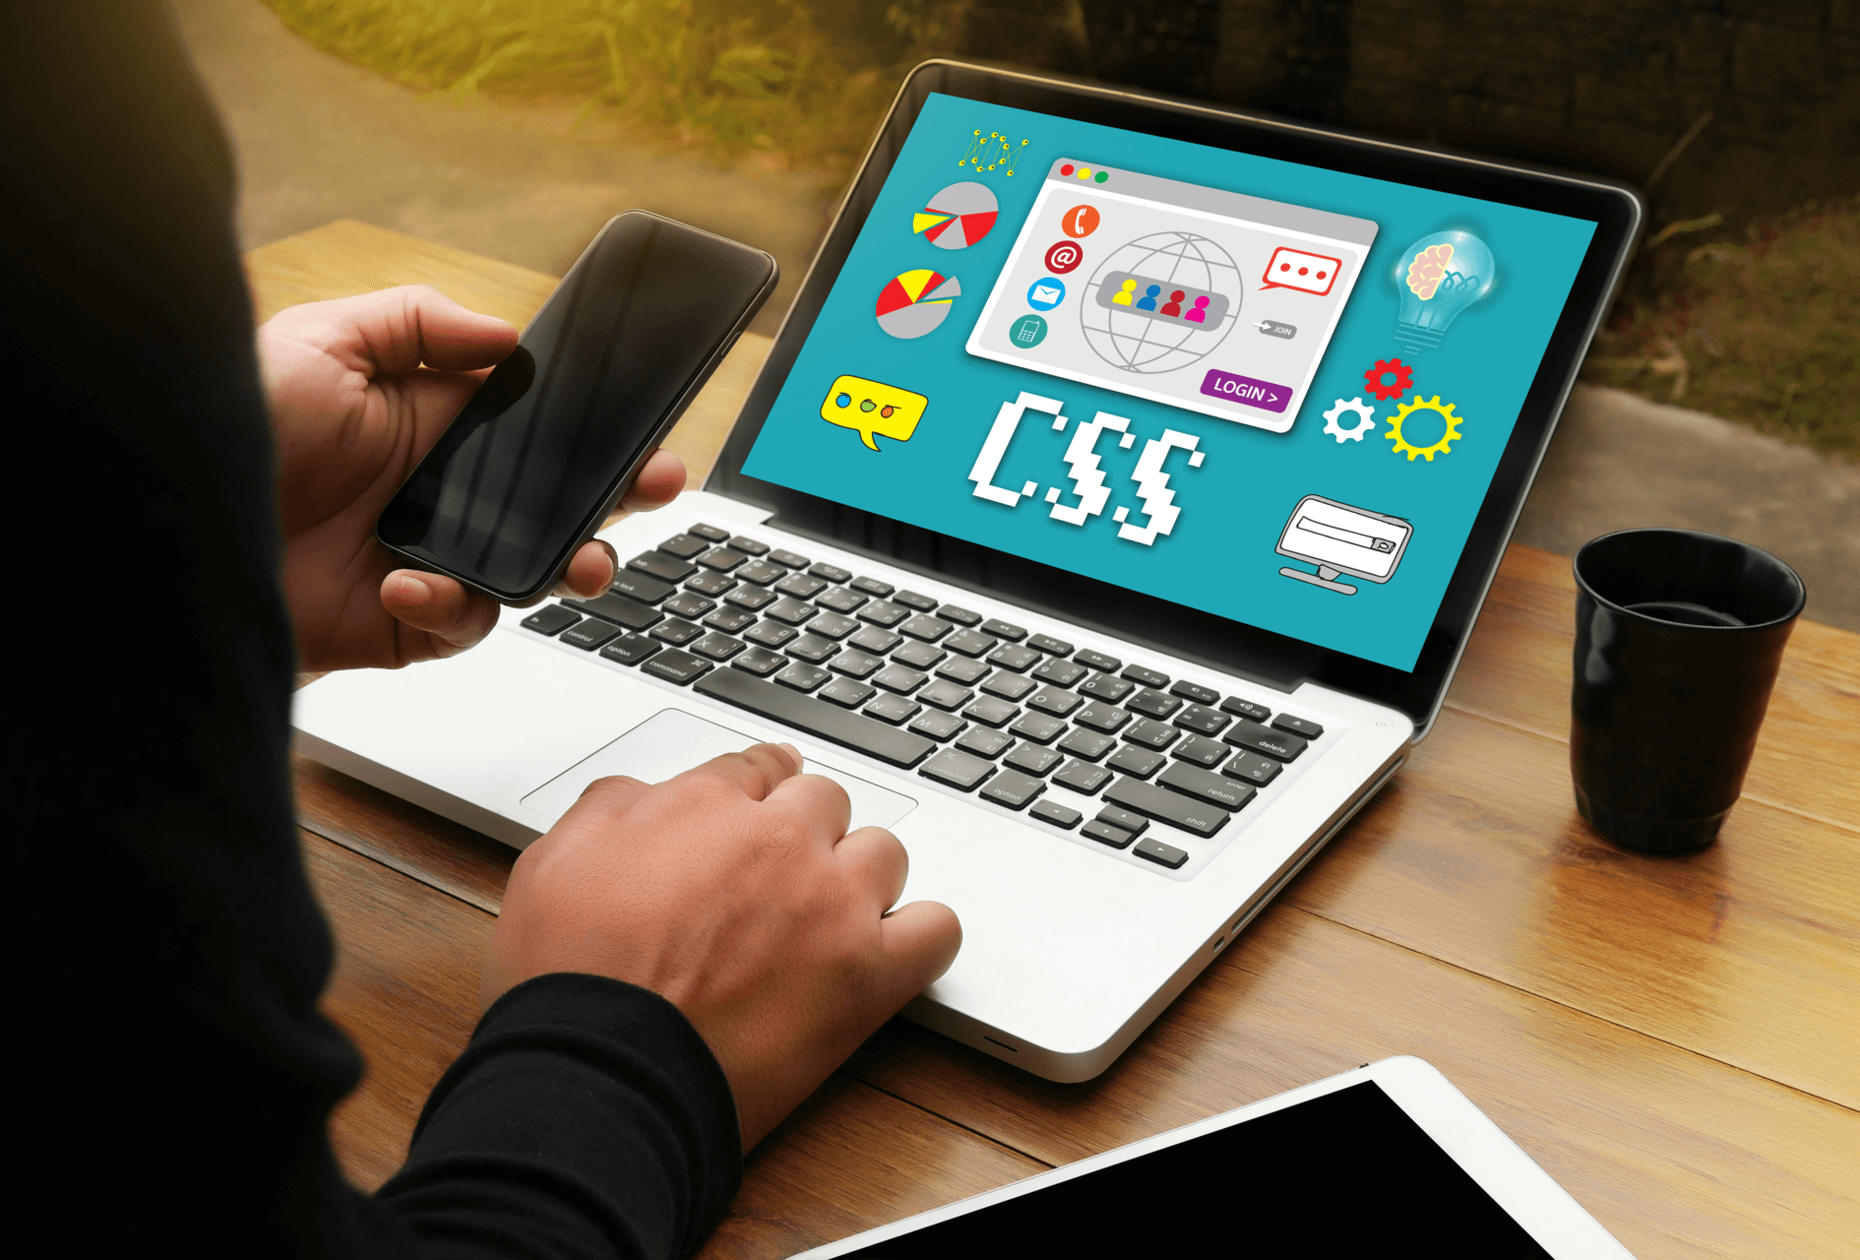 【初心者向け】CSSとは何か?画像を交えて分かりやすく解説